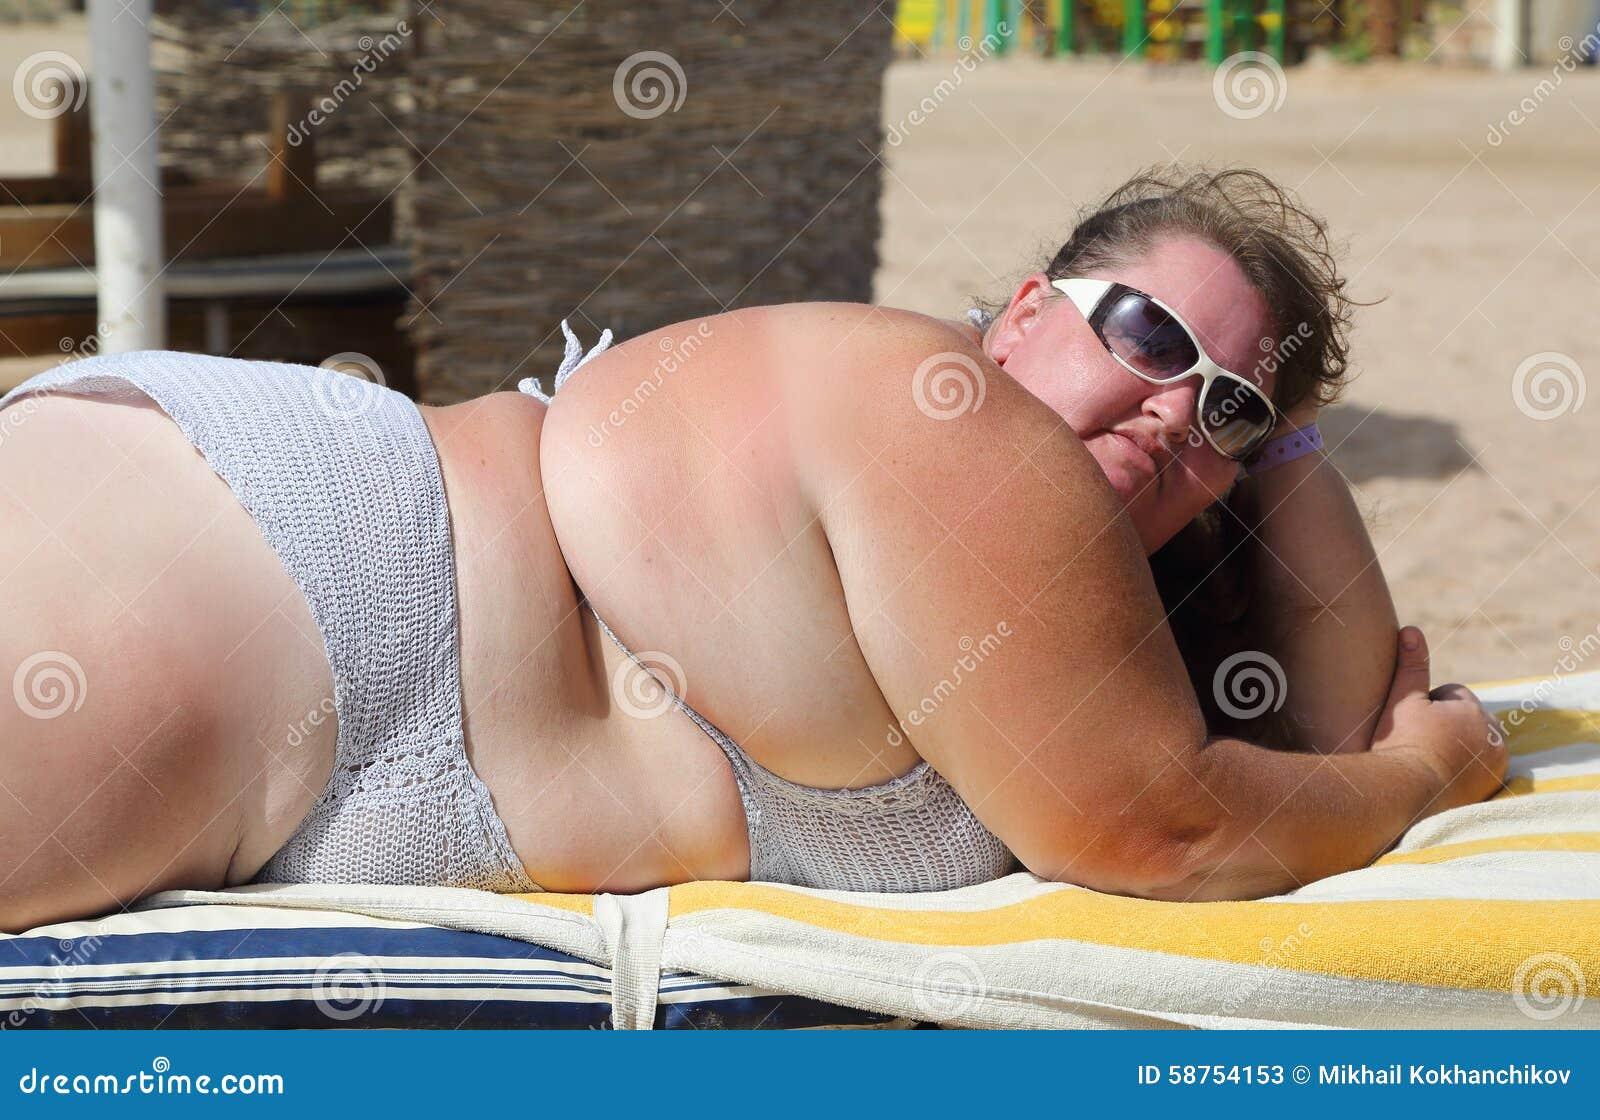 Толстые девки раком фото, Фото задниц толстушек стоящих раком Частные порно 25 фотография